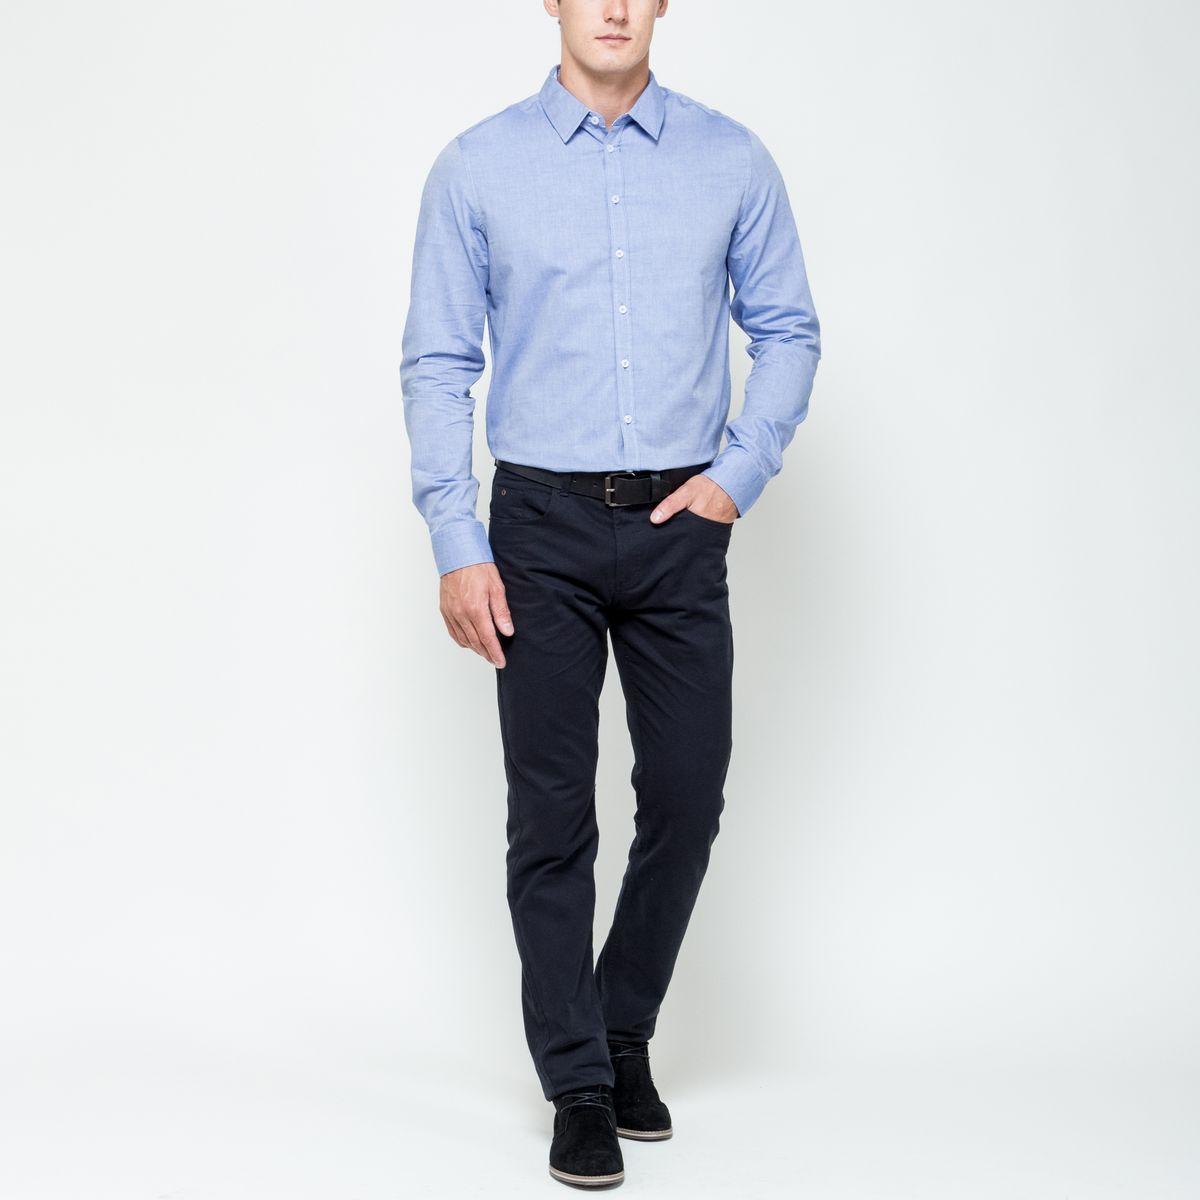 Рубашка мужская Sela, цвет: ярко-голубой. H-212/701-6321. Размер 40 (46)H-212/701-6321Стильная мужская рубашка Sela, выполненная из натурального хлопка, позволяет коже дышать, тем самым обеспечивая наибольший комфорт при носке. Модель классического кроя с отложным воротником и длинными рукавами застегивается на пуговицы по всей длине. Манжеты рукавов дополнены застежками-пуговицами.